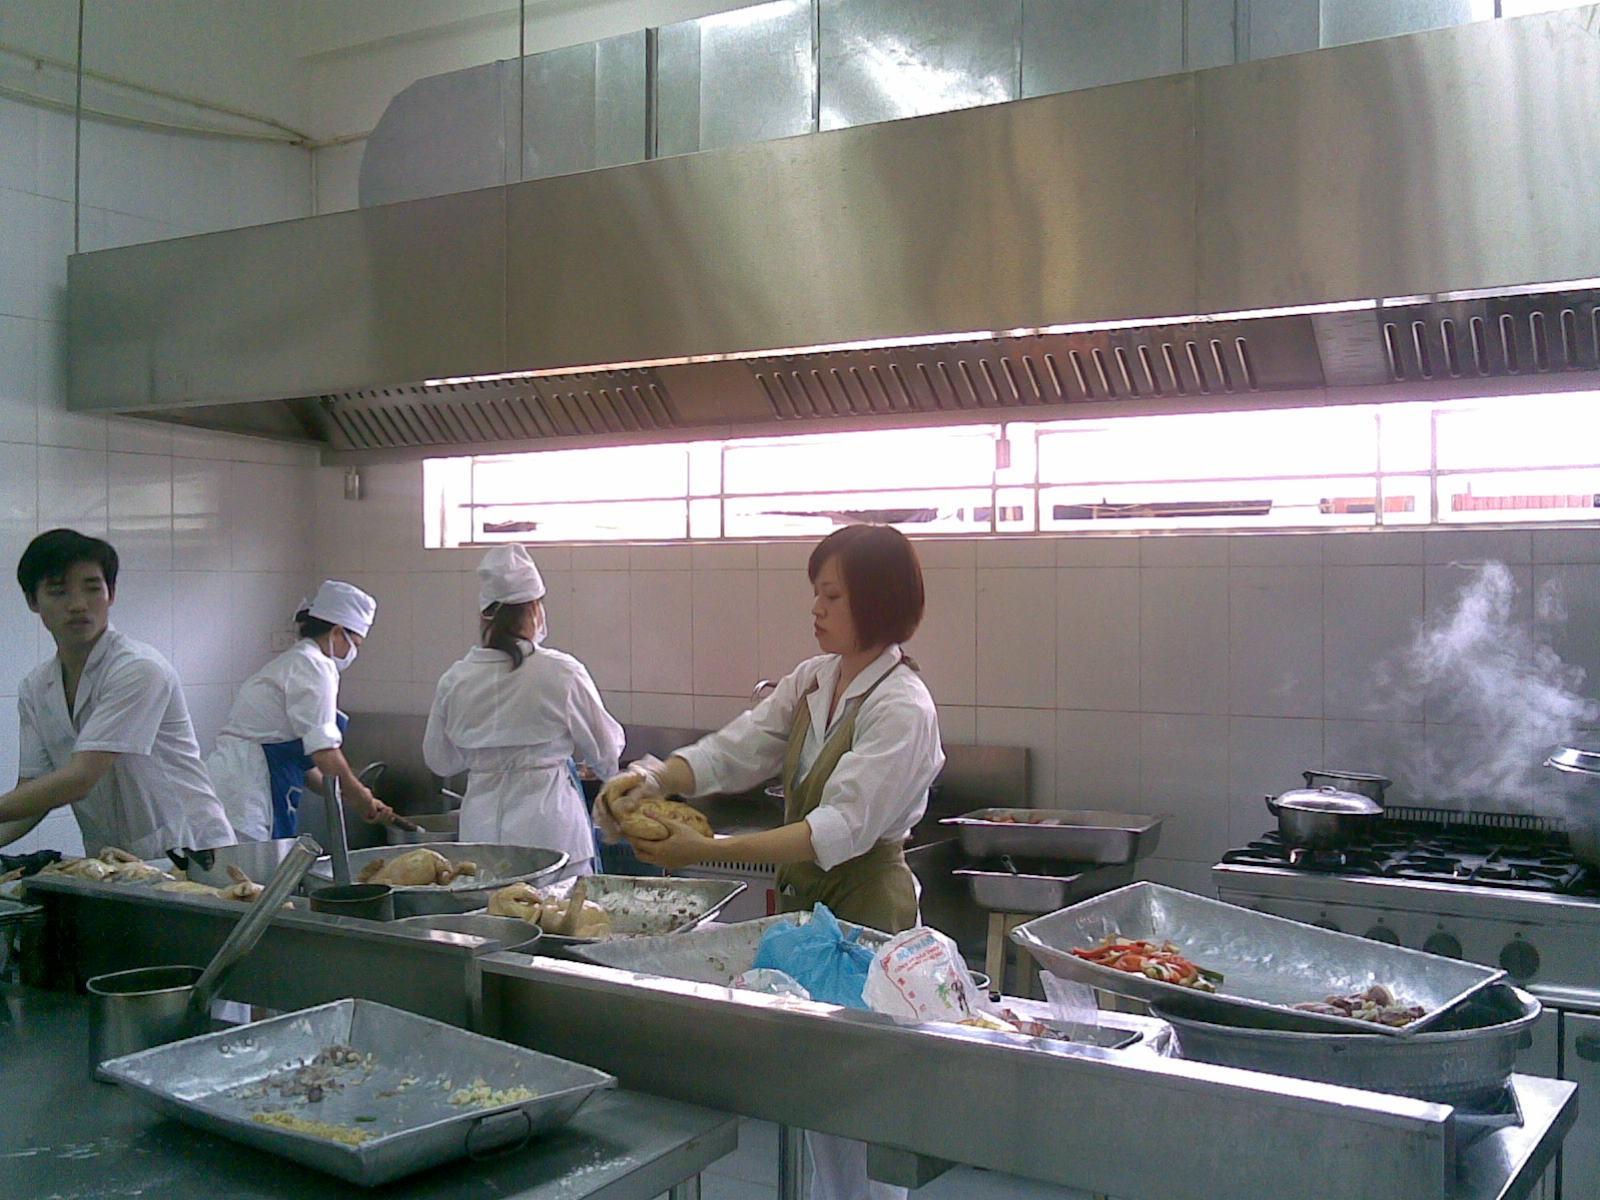 Bếp gas công nghiệp trong các bếp ăn tập thể